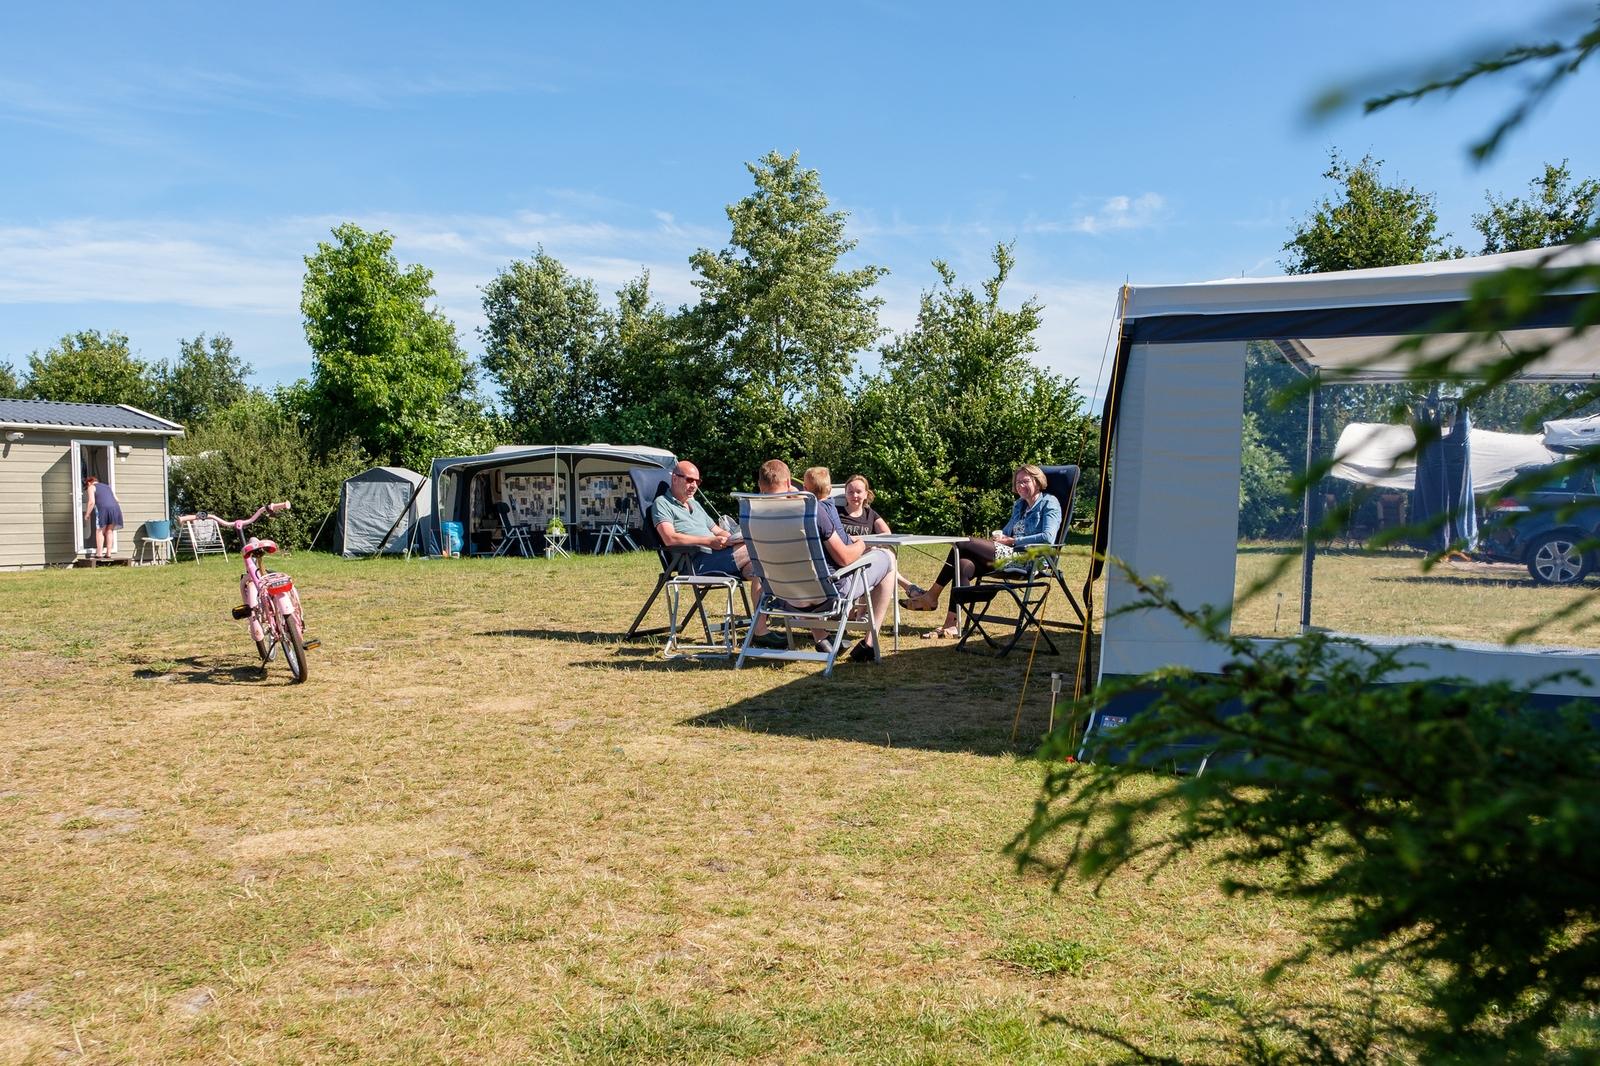 Comfort kampeerplaats met privé sanitair